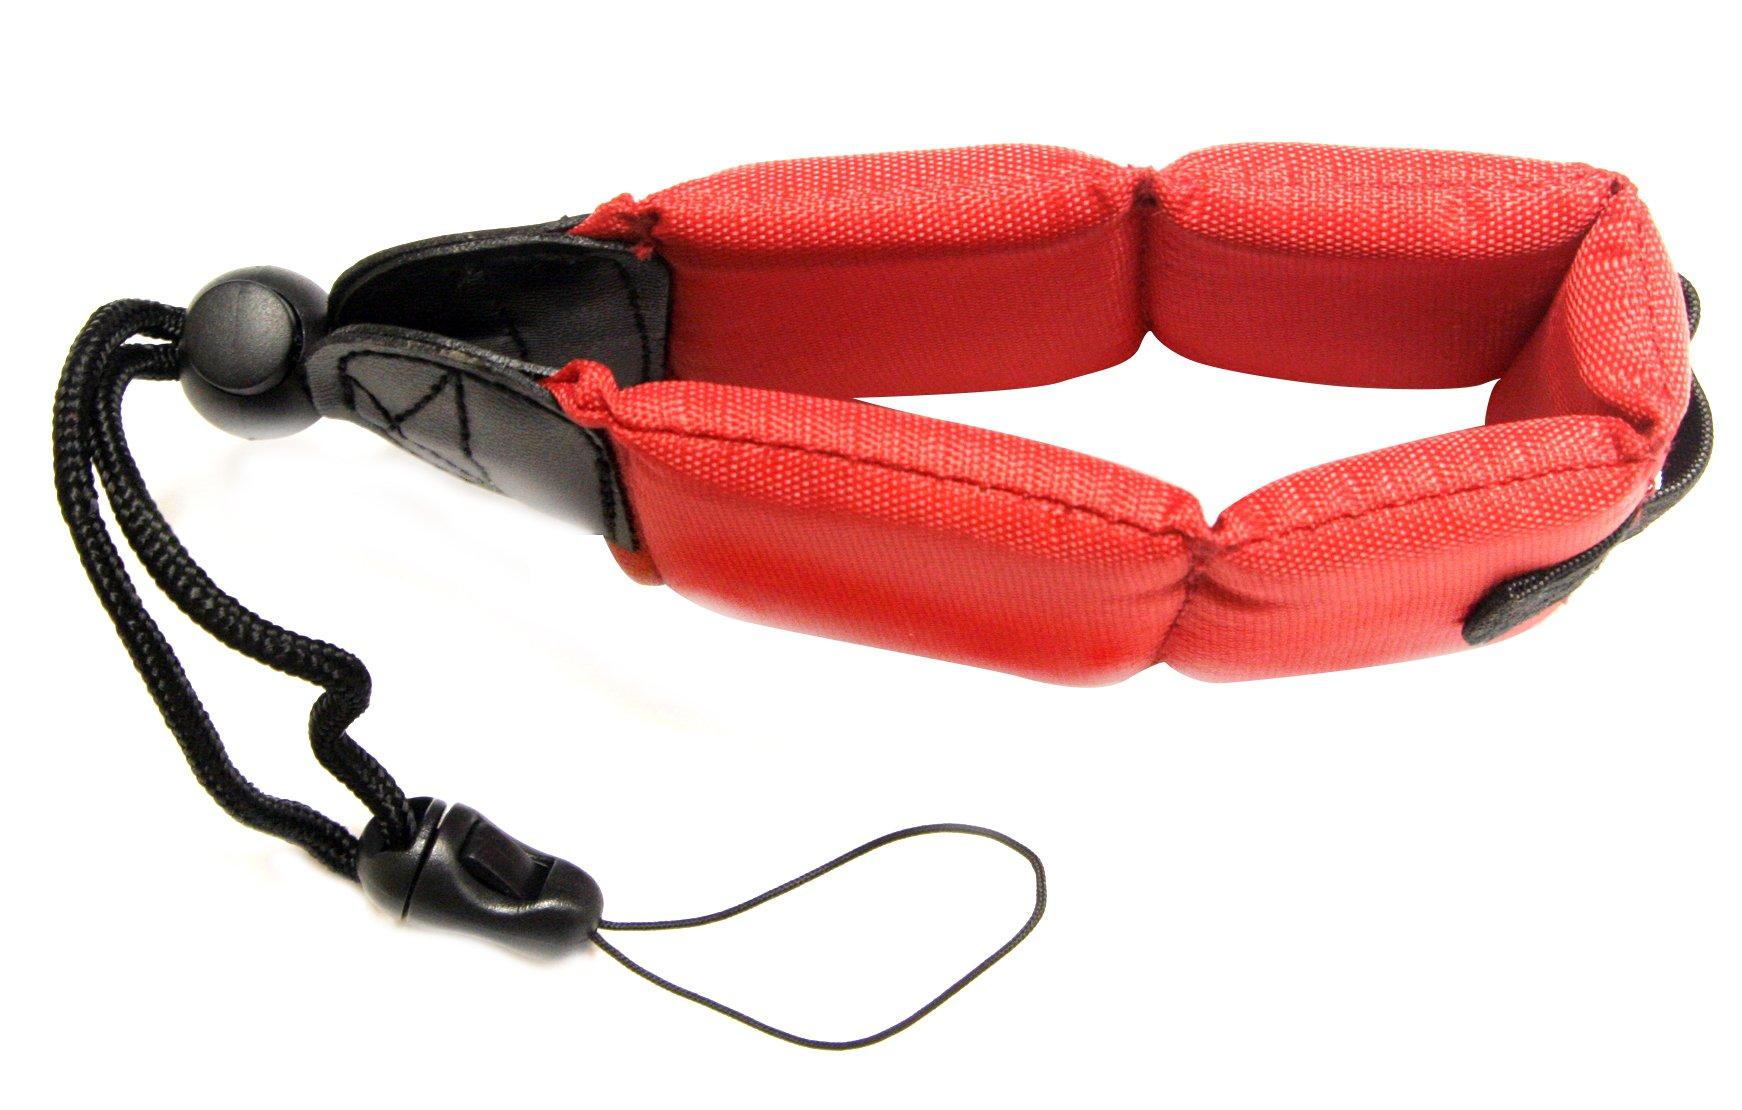 Intova Camera Flotation Strap - Red